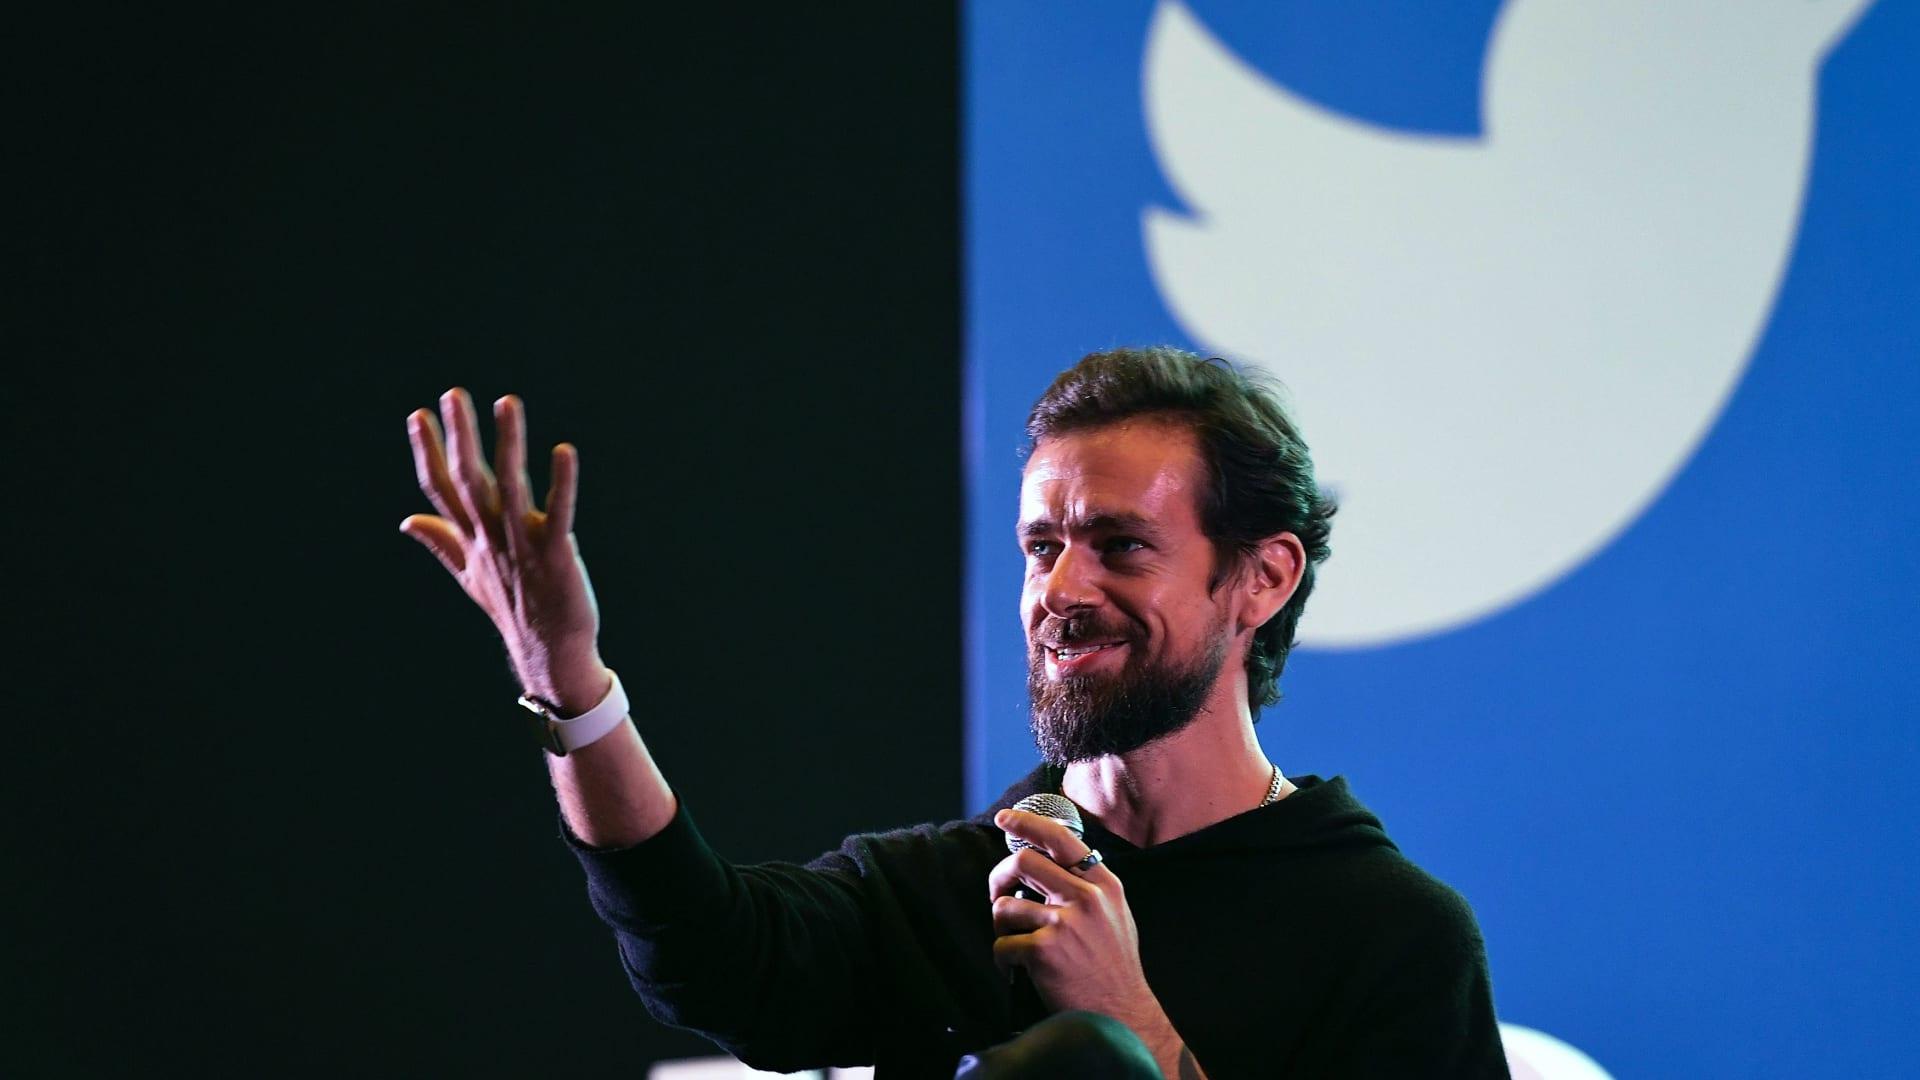 """بعروض بلغت 2.5 مليون دولار.. مؤسس """"تويتر"""" يعرض أقدم تغريدة على المنصة للبيع"""